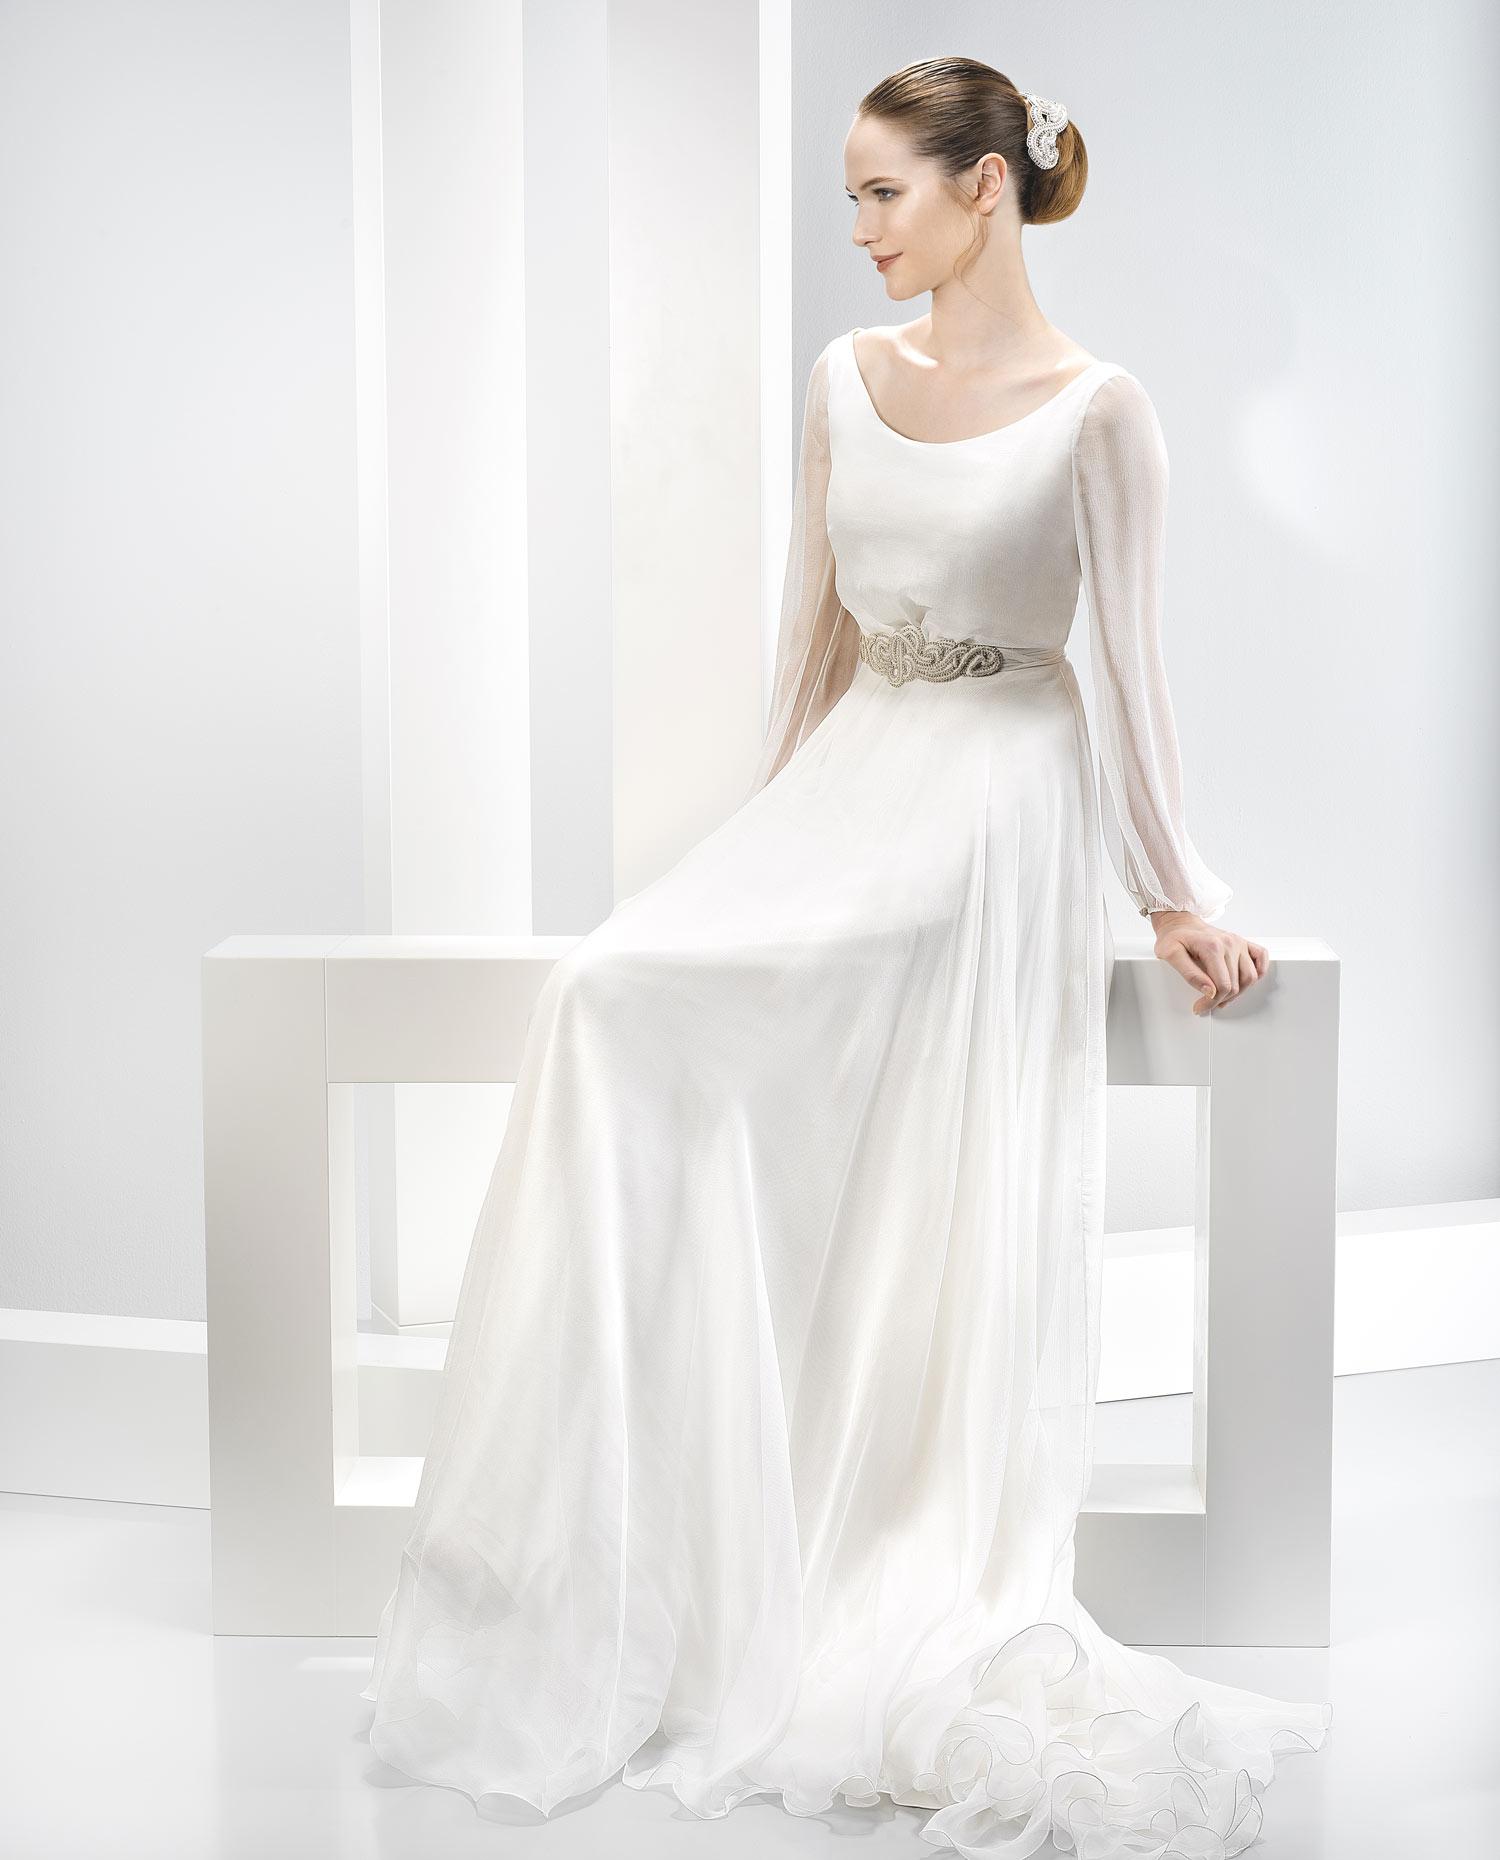 Avance de vestidos de novia para el 2016 | El blog de Ana Suero